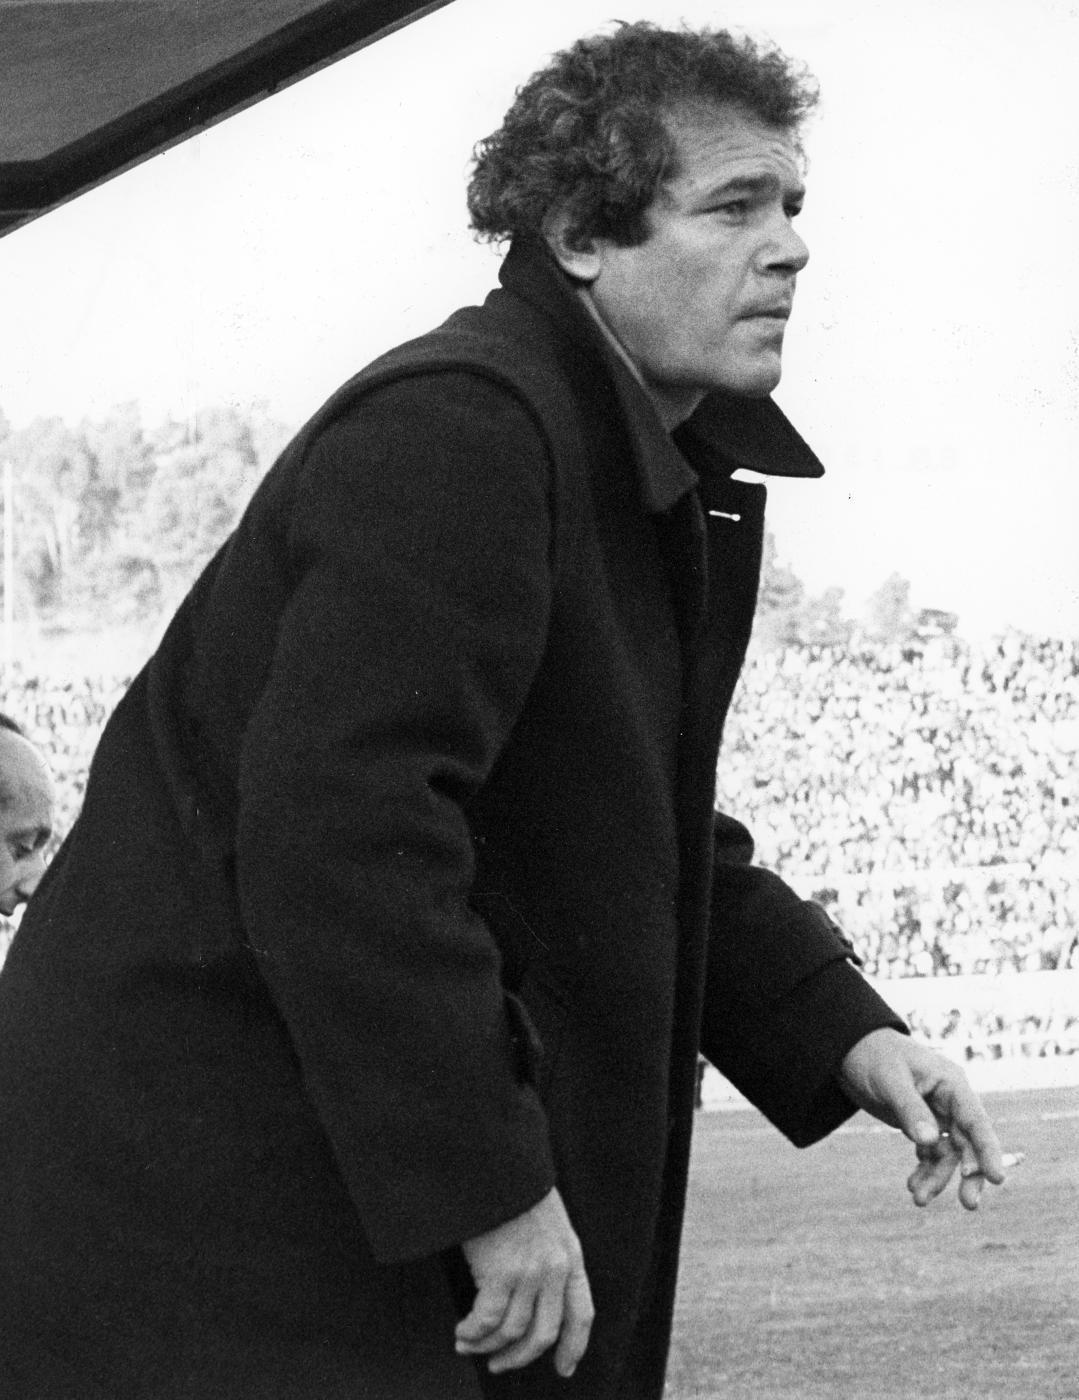 Gustavo Giagnoni (7 agosto 2018)  - L'ex allenatore di calcio e calciatore si è spento a 86 anni